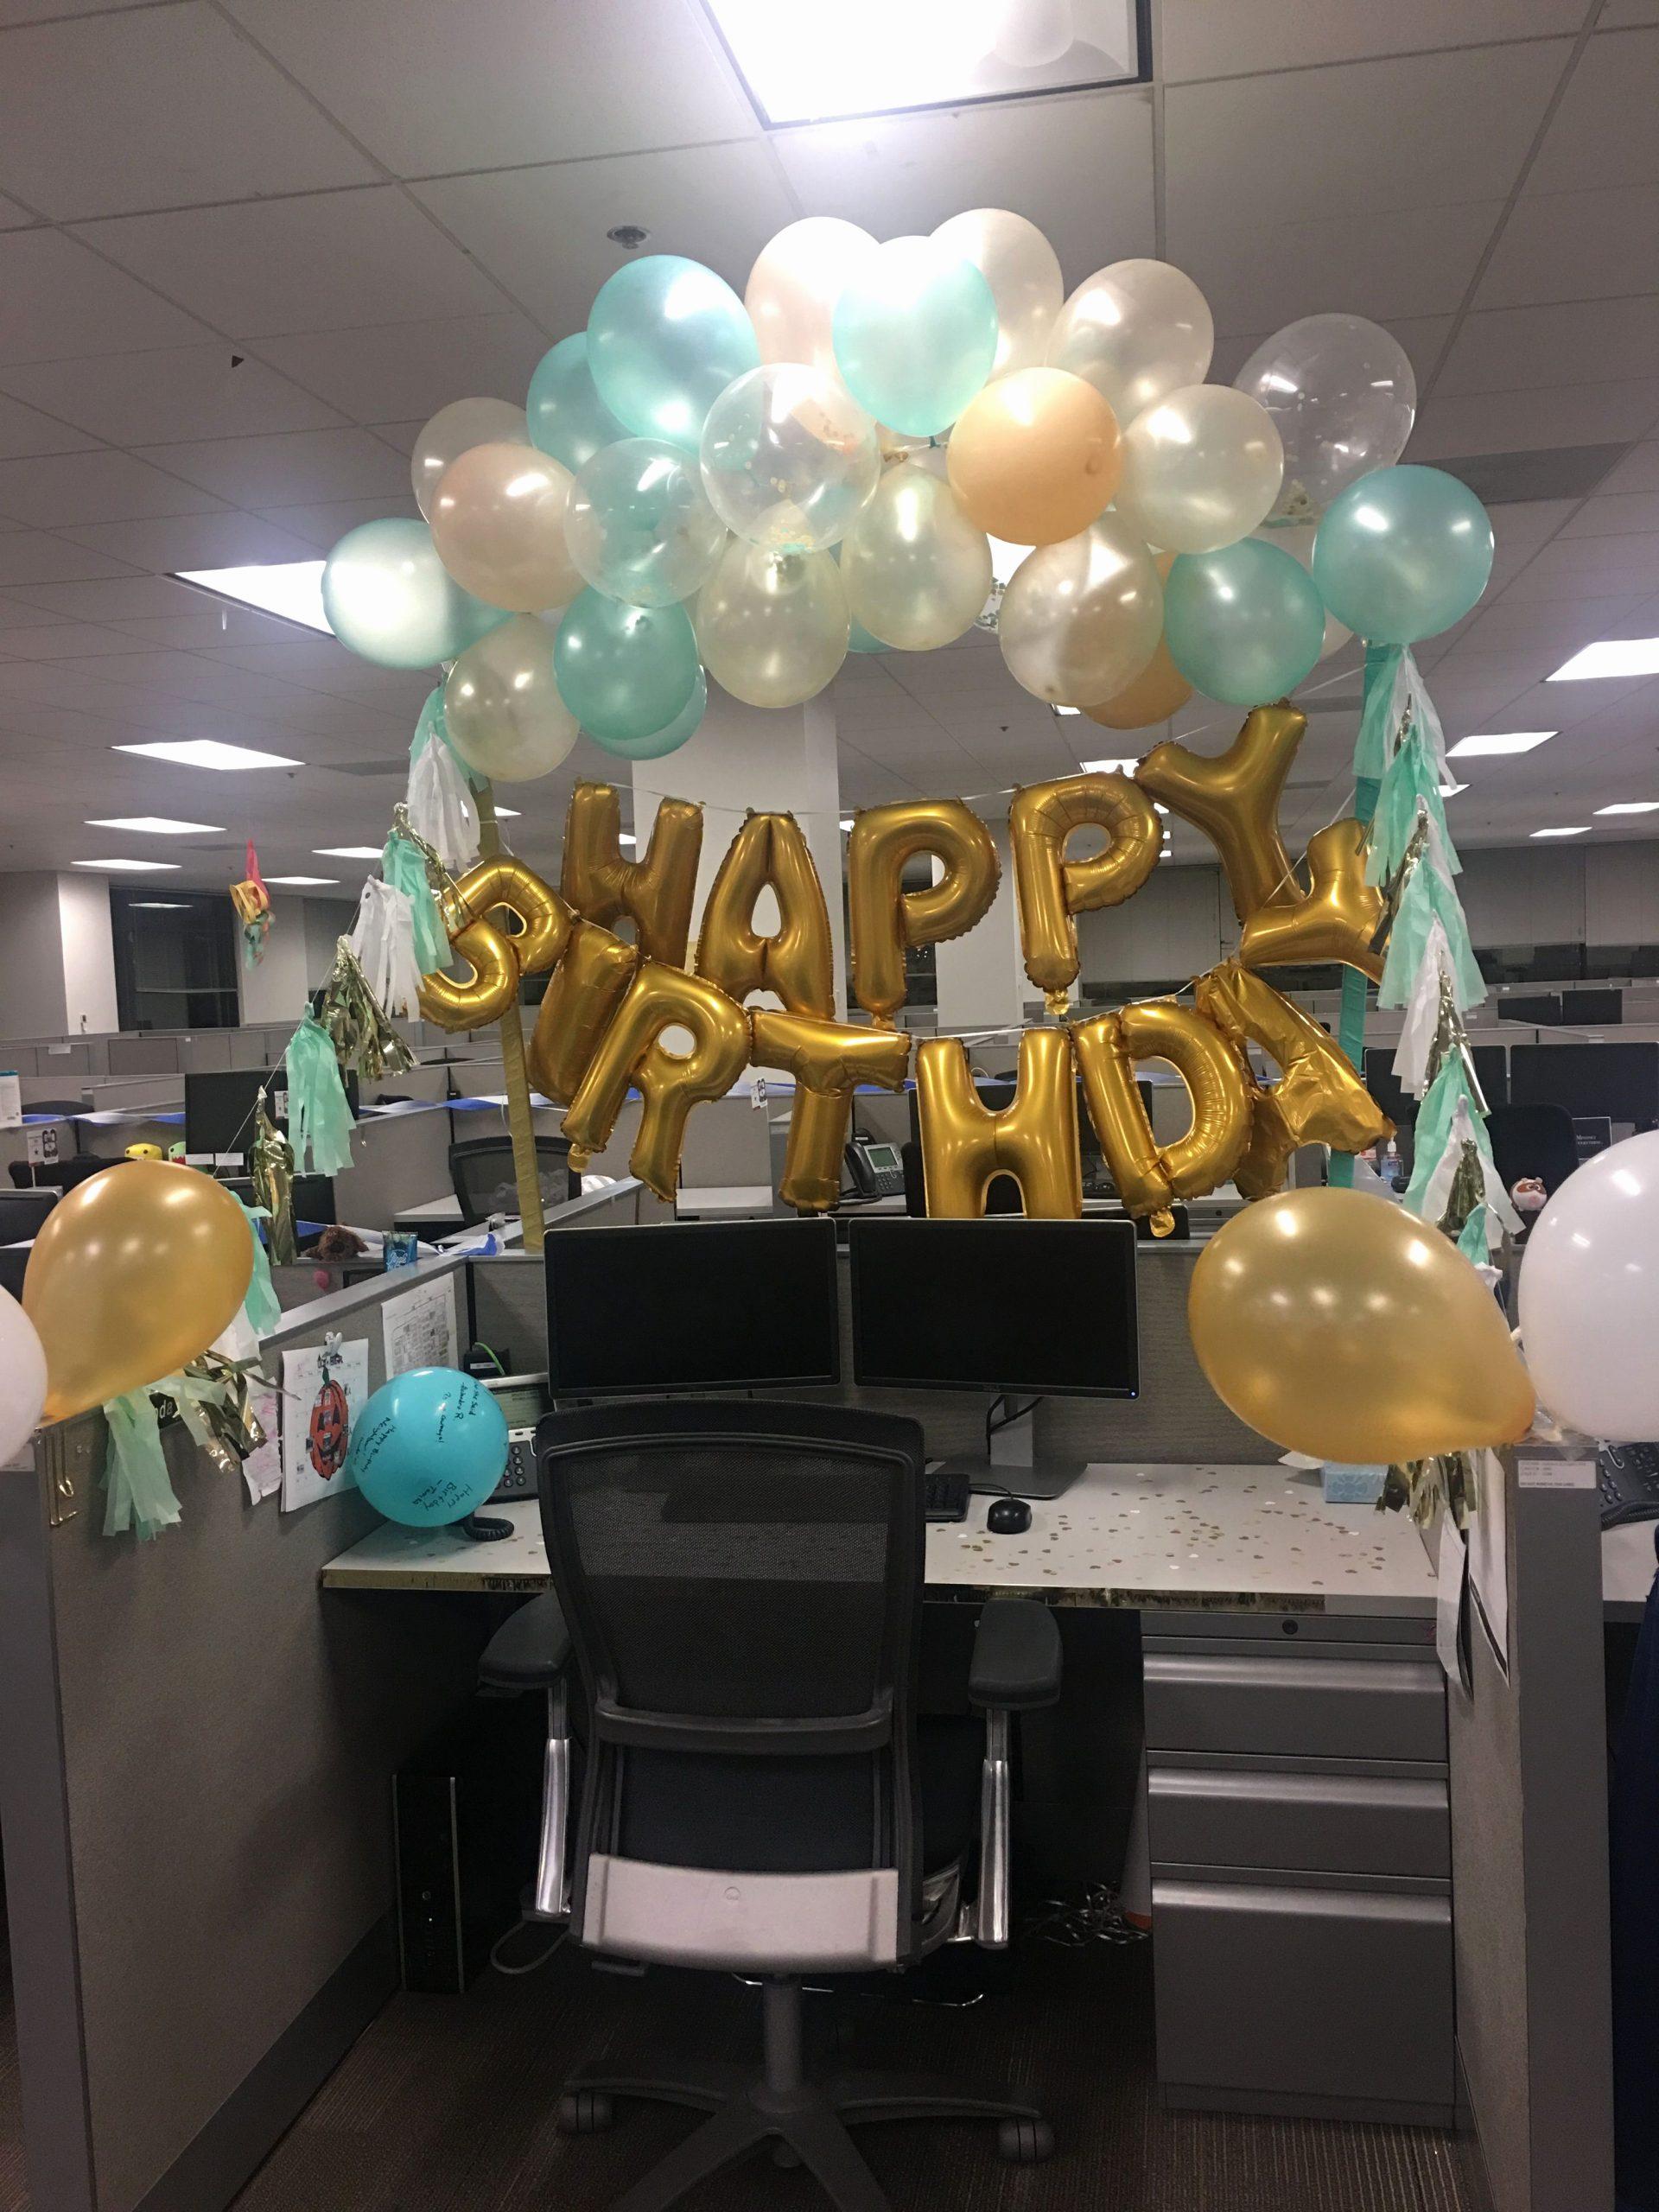 Desk Birthday Decoration Ideas for Work Best Of Mint Green and Gold Desk Birthday Decorations